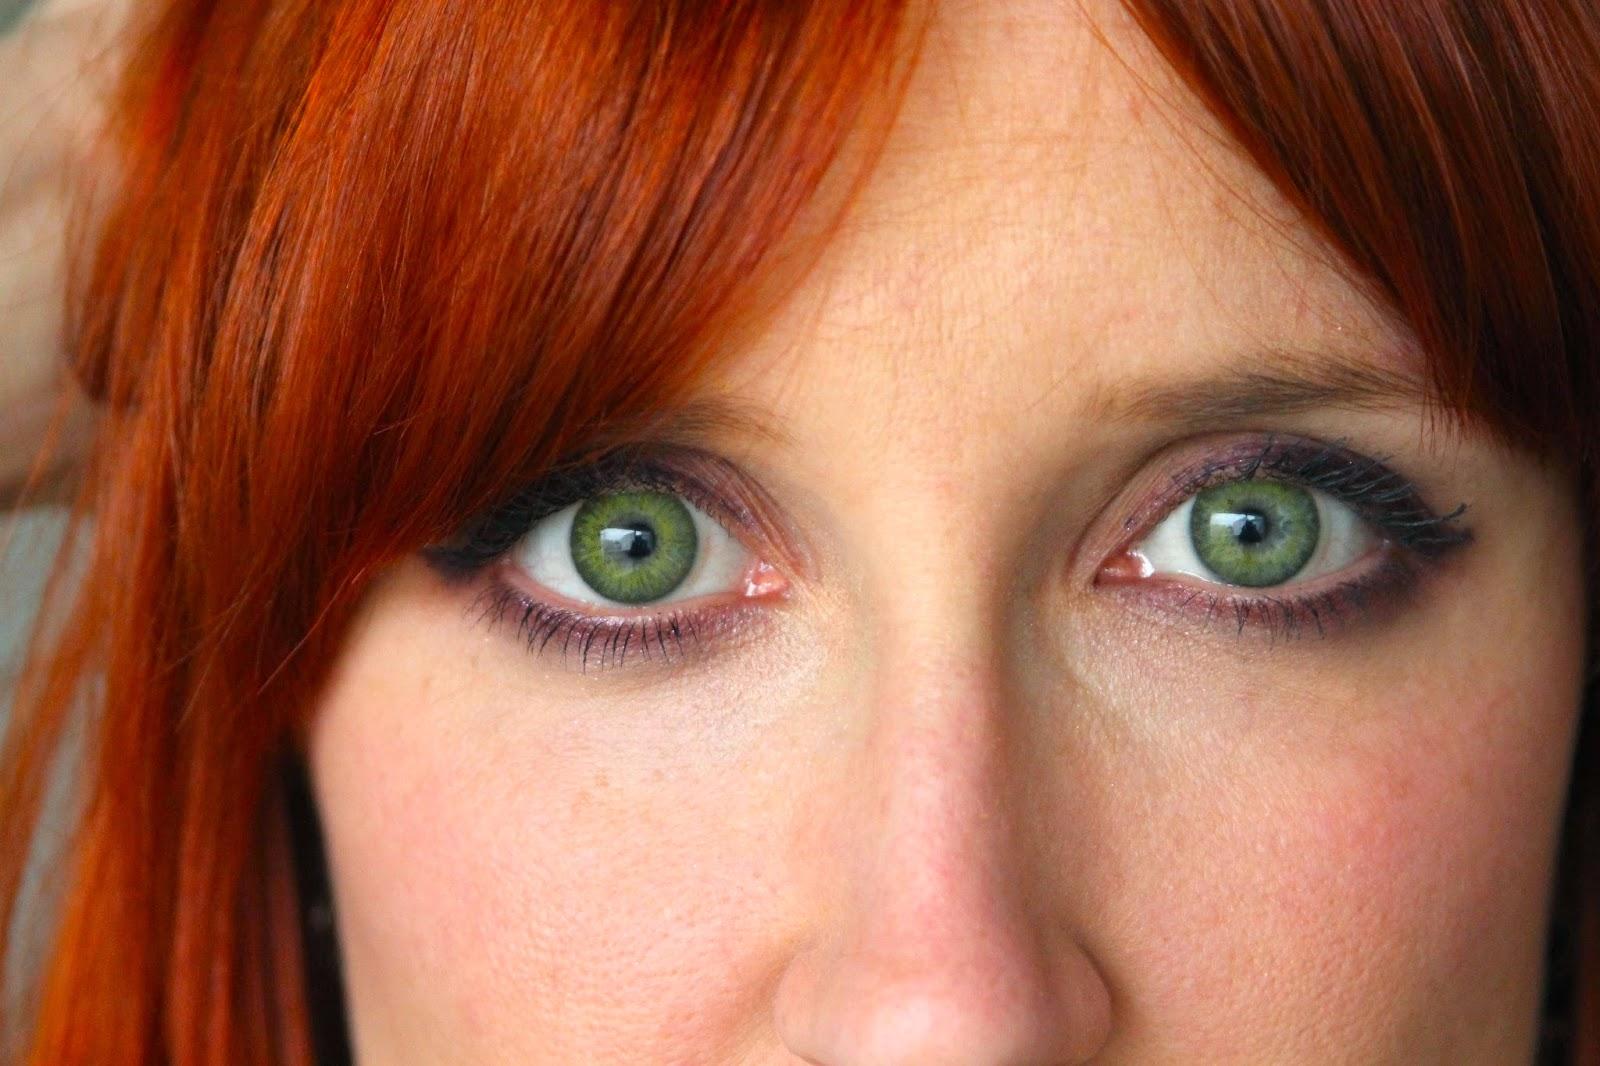 essayer des lentilles de couleurs Meilleure réponse: moi j en ai mis j ai les yeux noisettes j en ai essayer des marrons tres clair sa fait tres bo les lentilles de couleur bleu c pa bo car on voit.